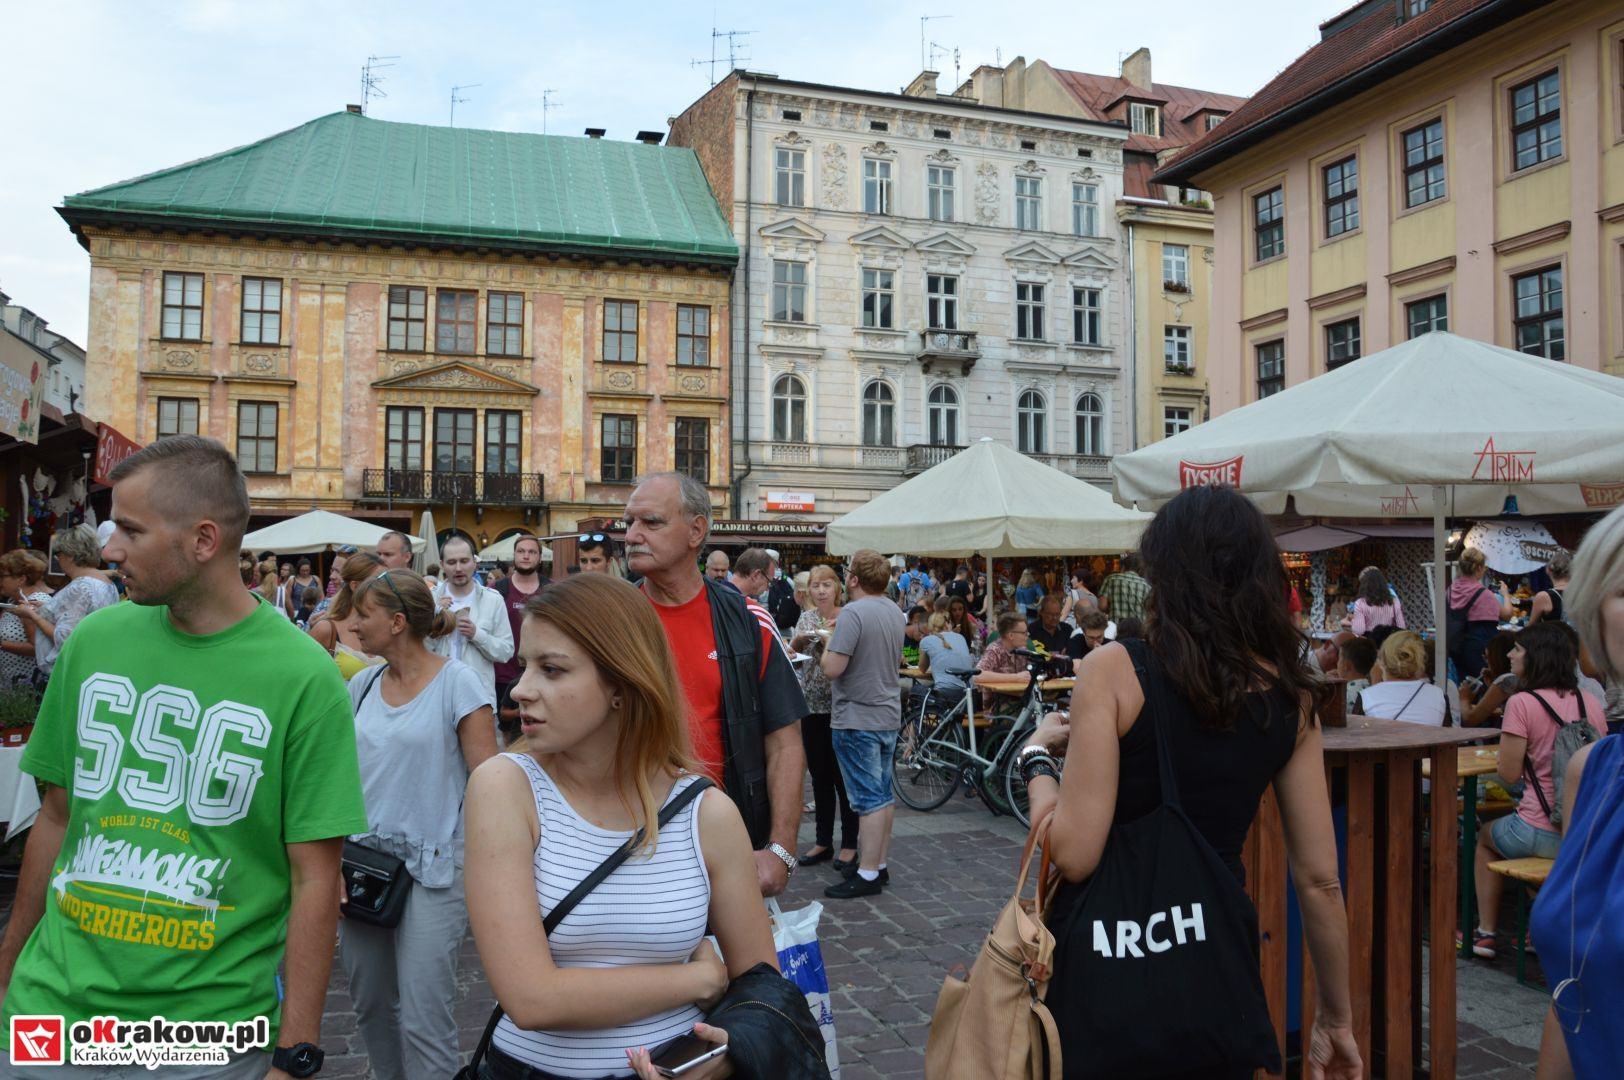 krakow festiwal pierogow maly rynek koncert cheap tobacco 27 150x150 - Galeria zdjęć Festiwal Pierogów Kraków 2018 + zdjęcia z koncertu Cheap Tobacco